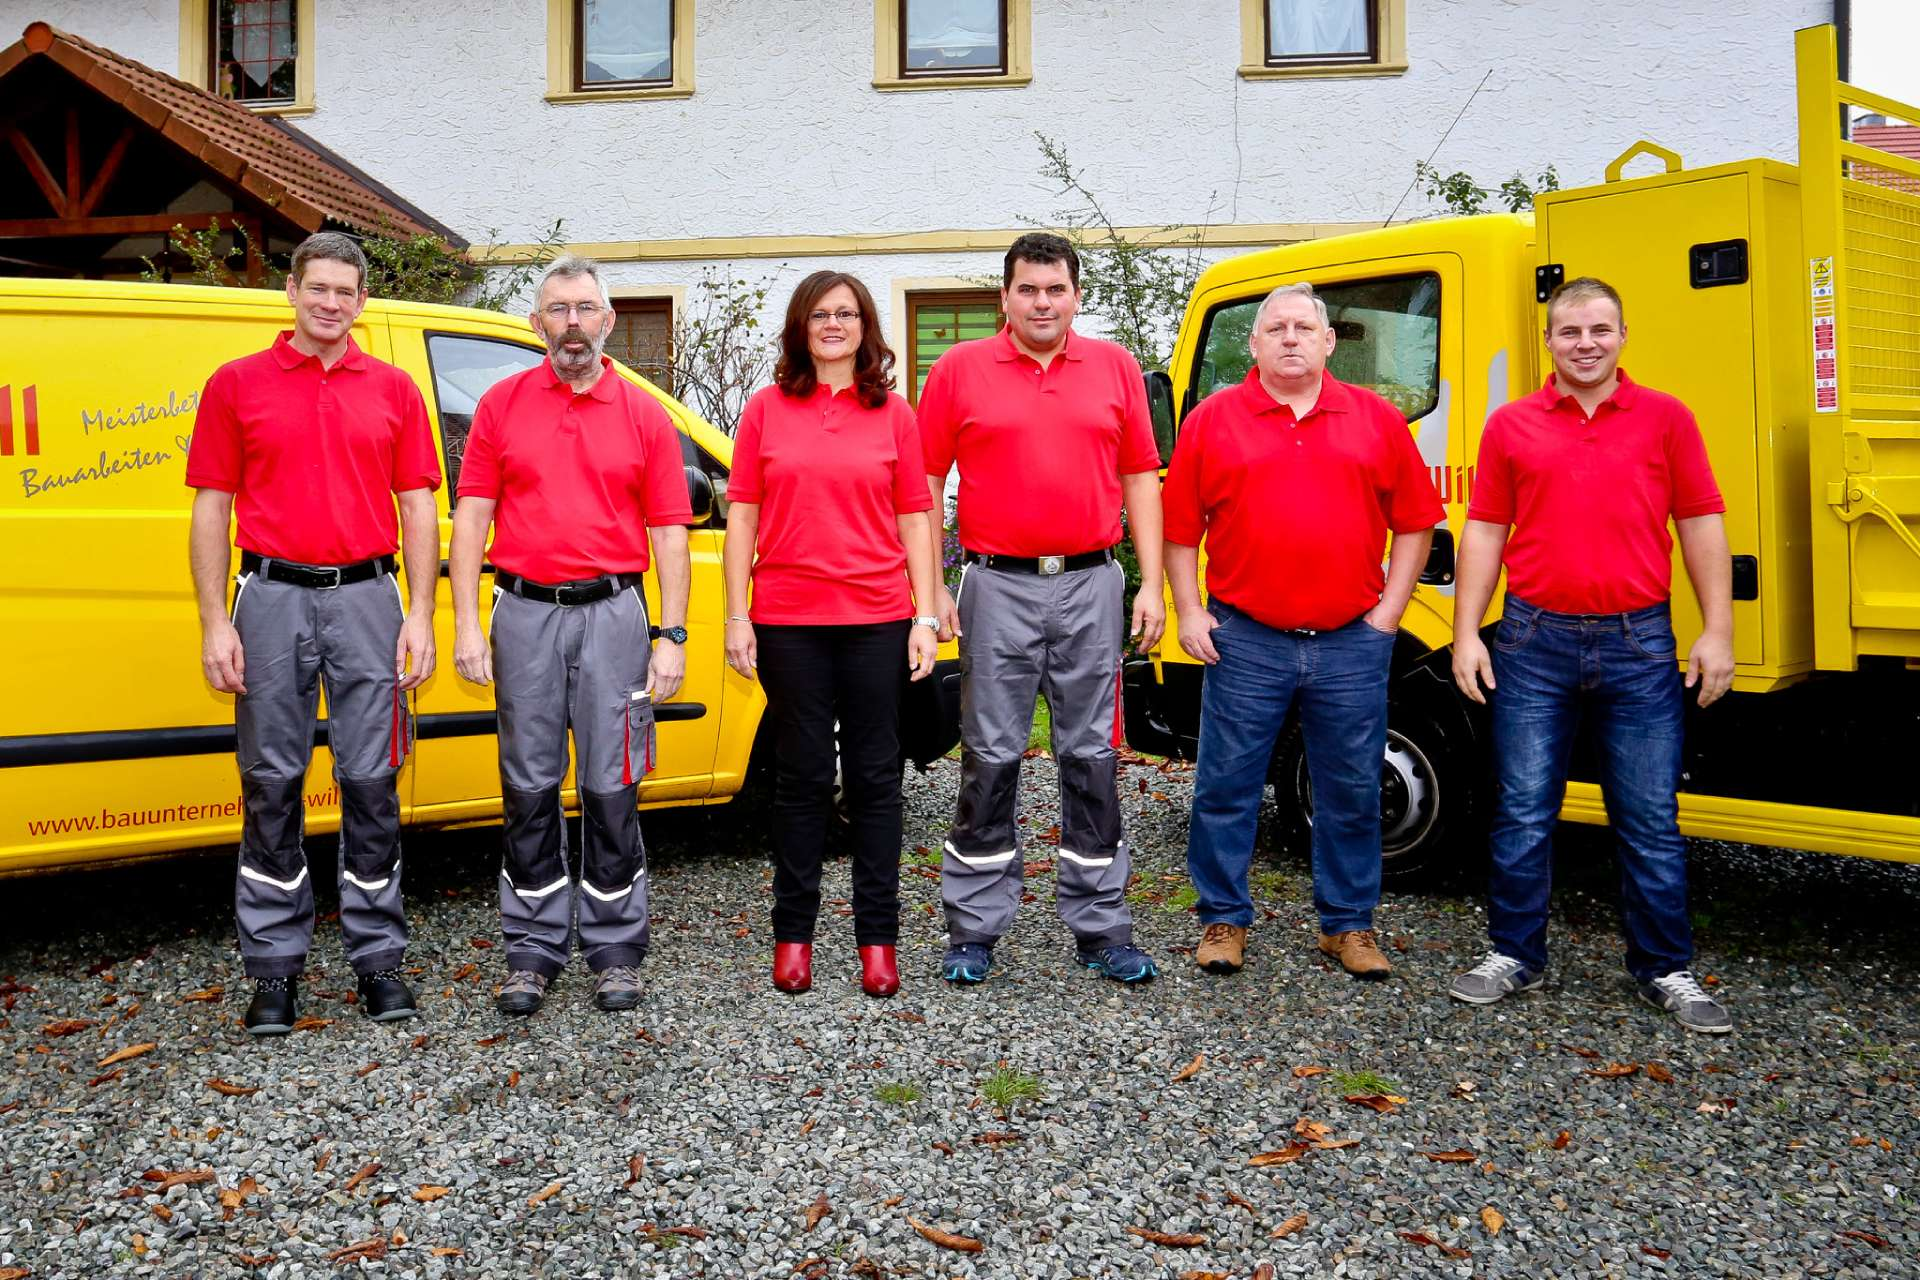 Bauunternehmen Bamberg stefan will gmbh co kg ihr kompetenter baupartner in der region